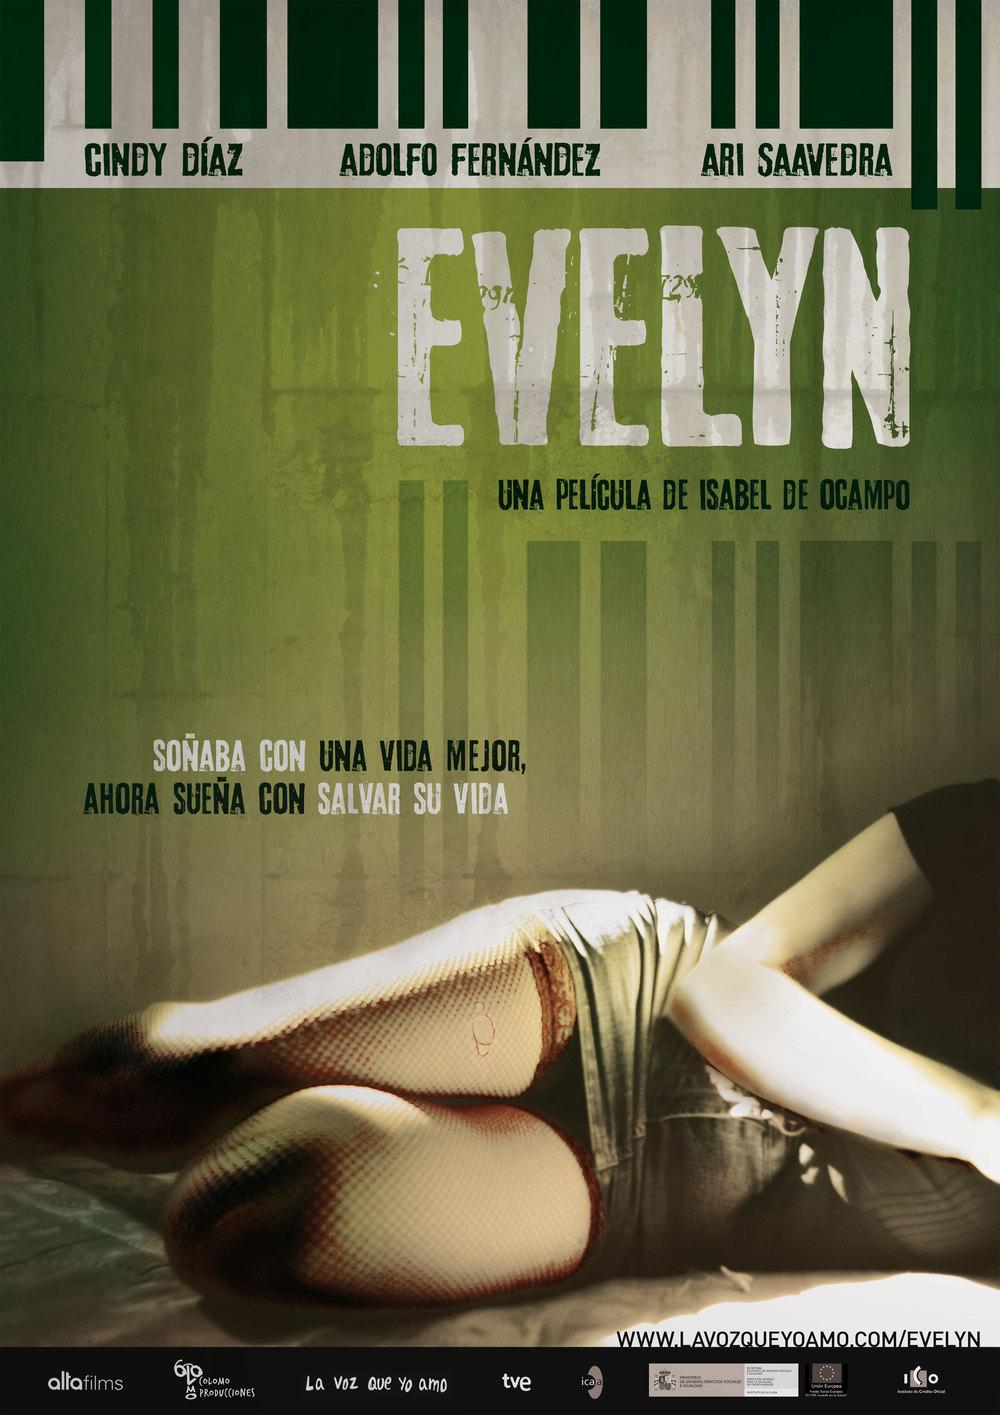 affiche du film Evelyn (2012)